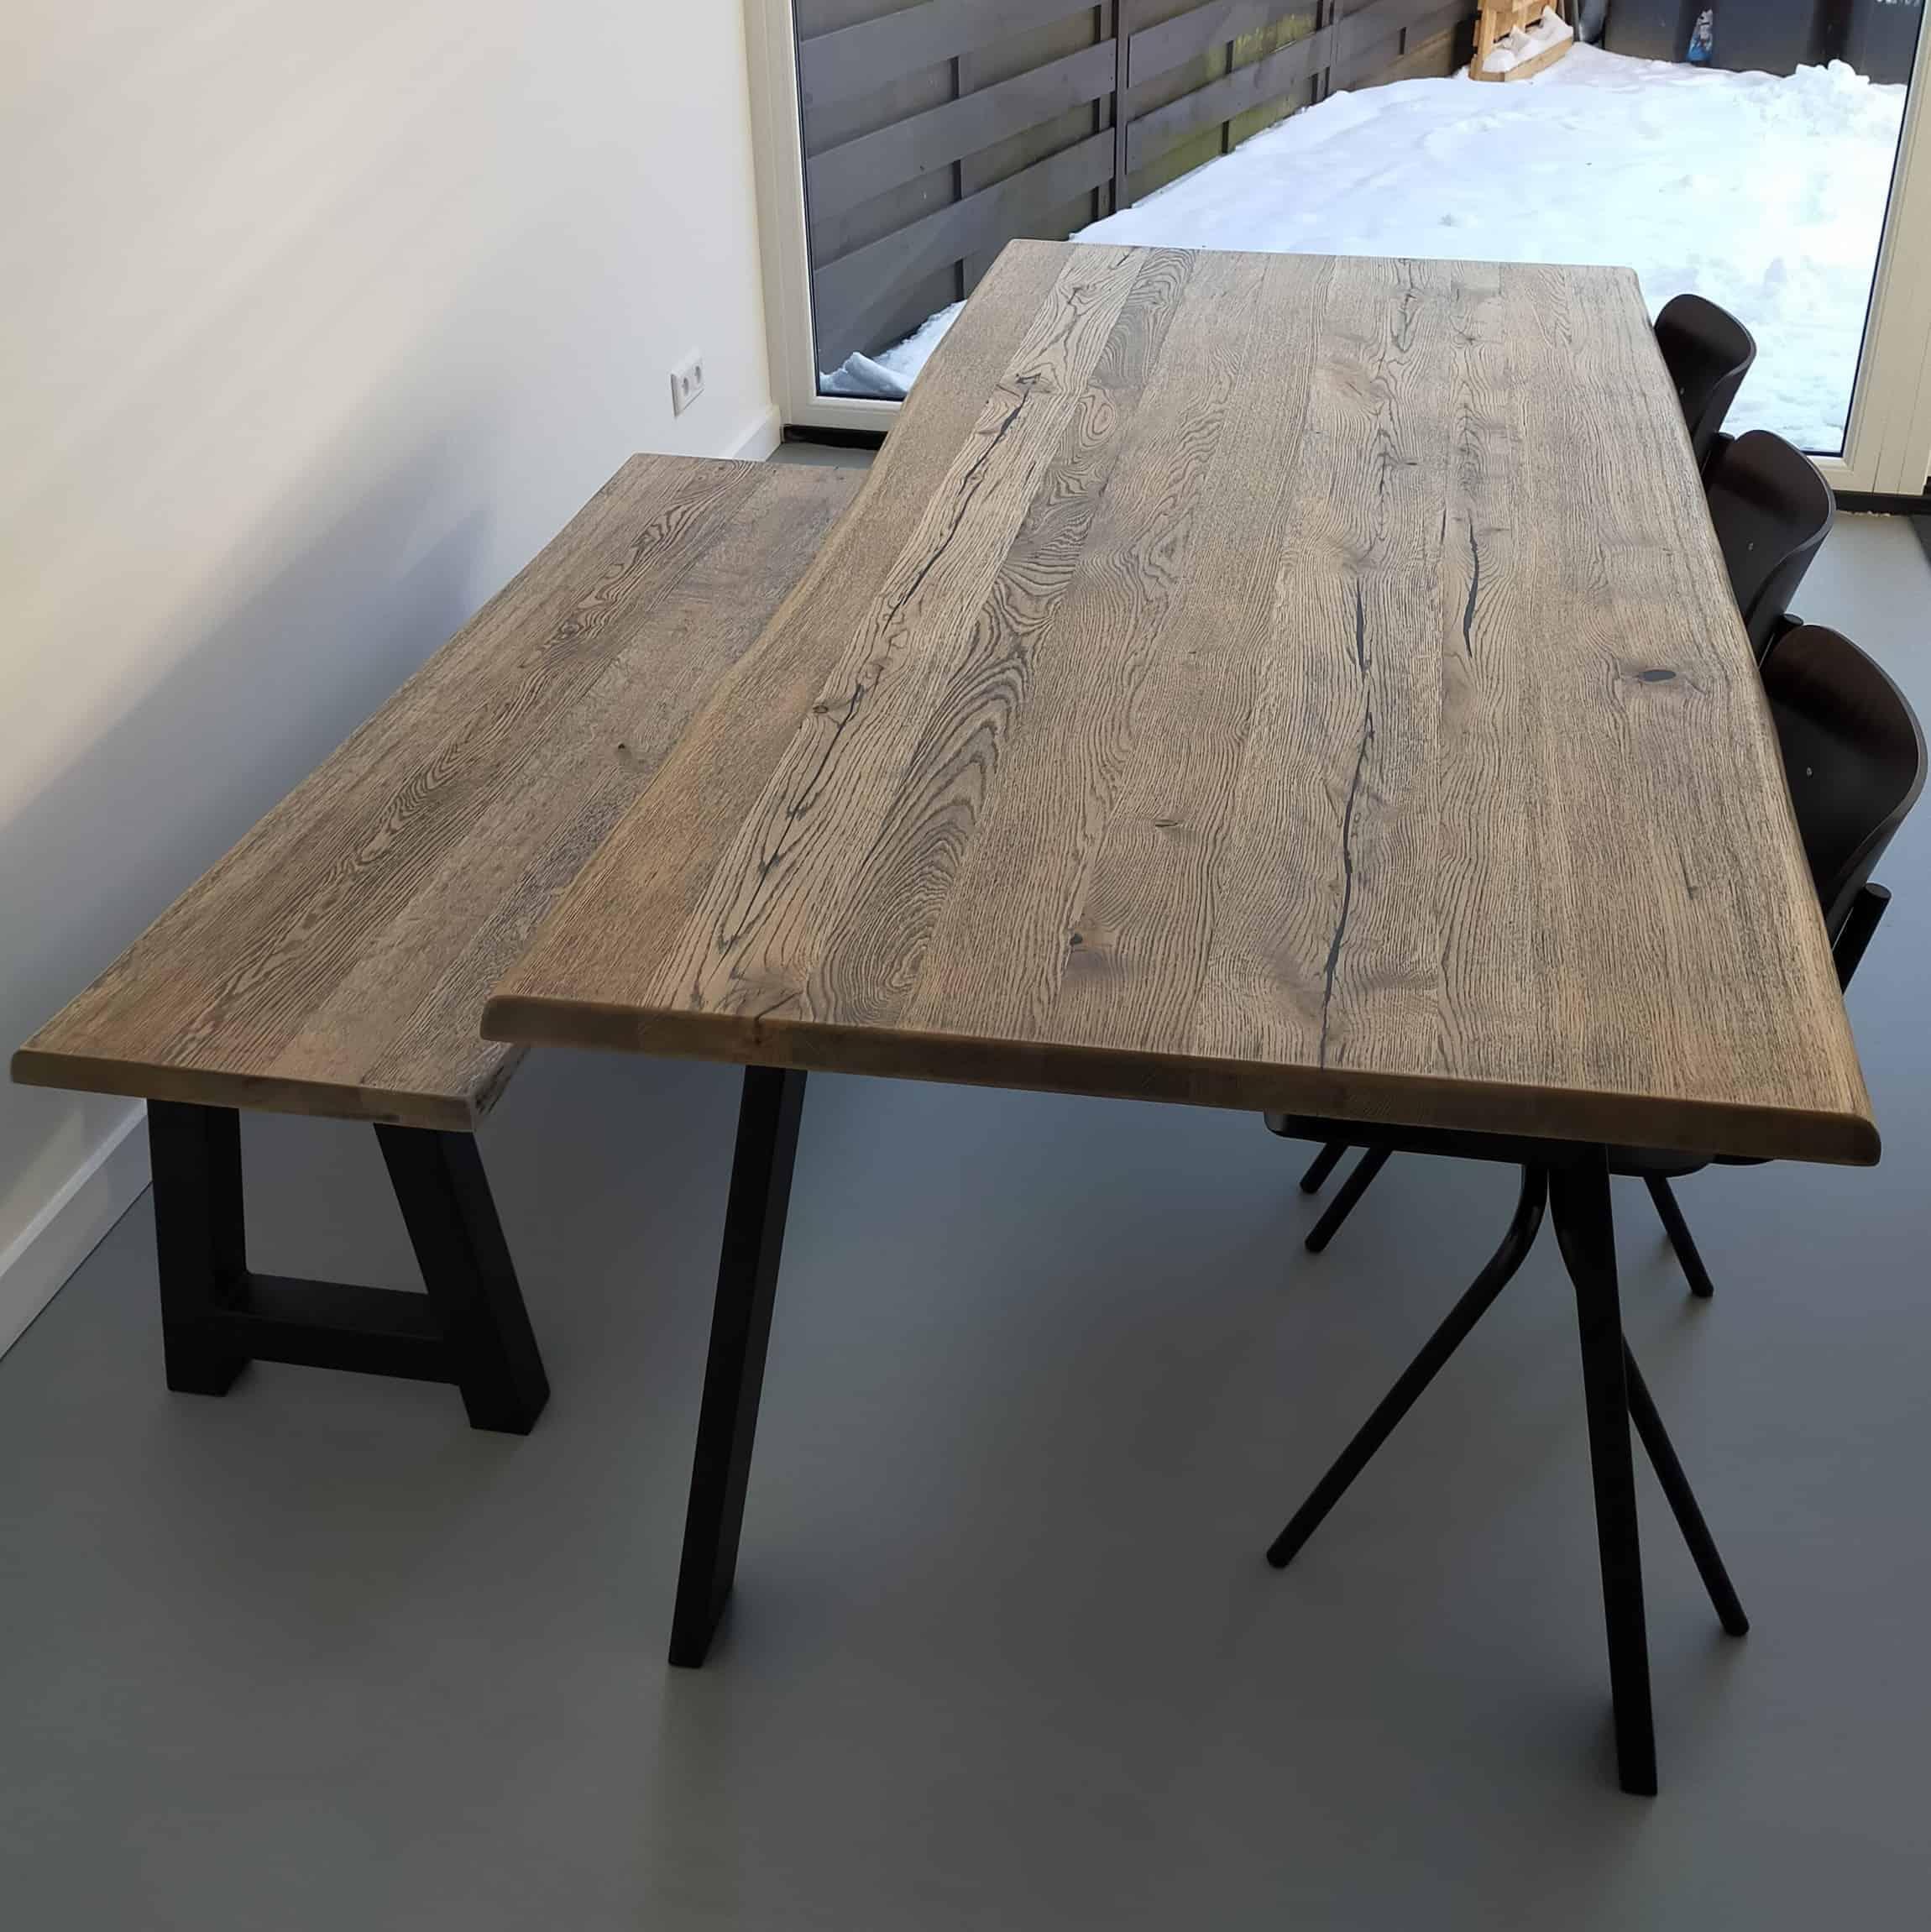 Rustiek eiken tafel met blackwash afwerking.